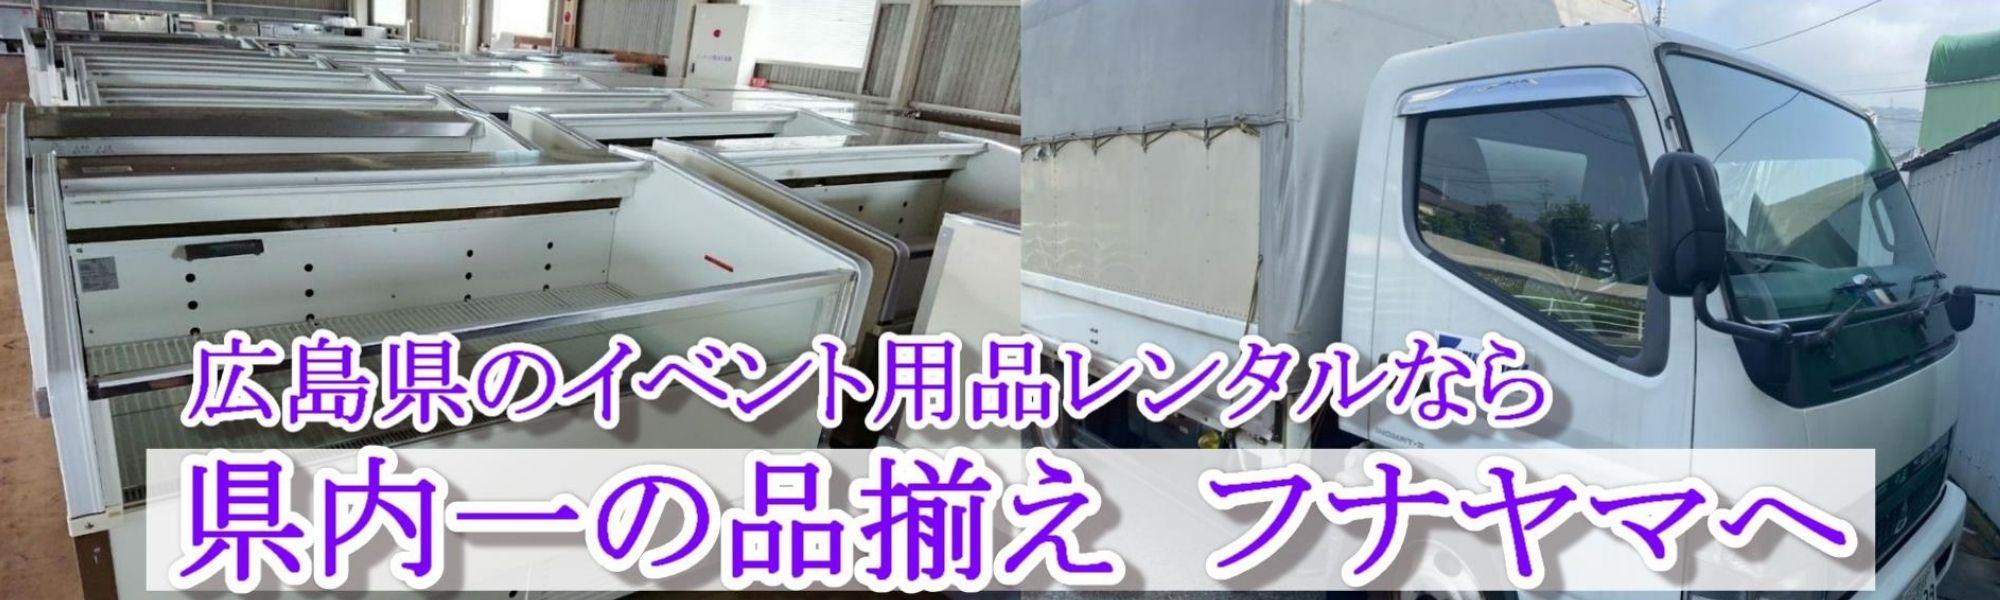 レンタル機器は株式会社フナヤマにお任せ下さい